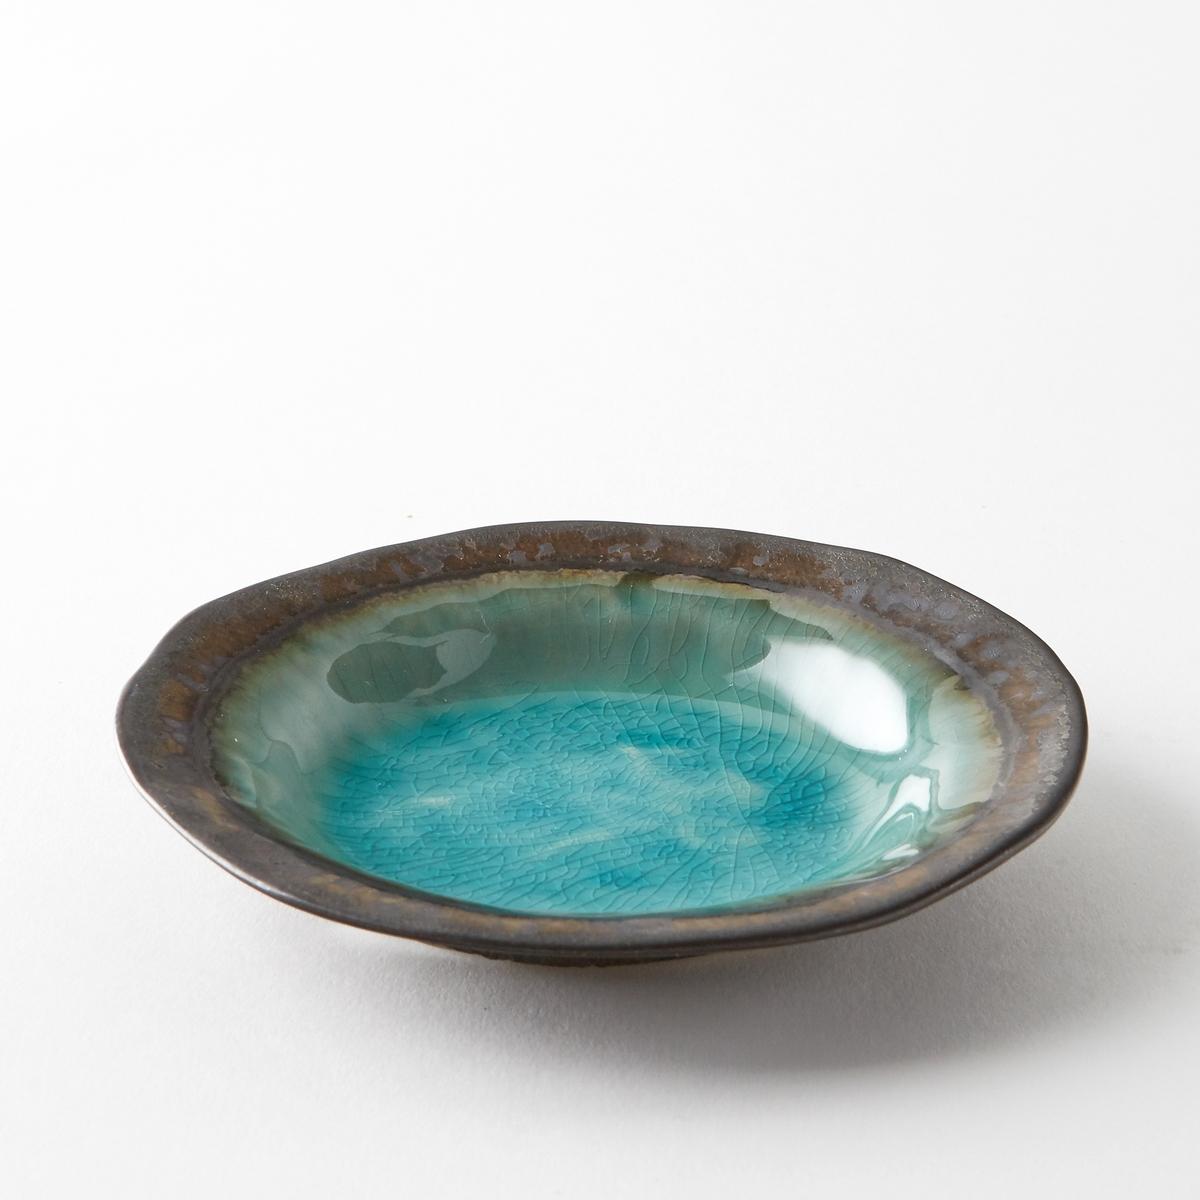 Чаша Altadill из эмалированной керамикиЧаша Altadill. Из керамики с бирюзовой эмалью и отделкой цвета бронзовый металлик. Изготовлено вручную, разные изделия отличаются друг от друга. Размеры  : ?15 x В2,5 см.<br><br>Цвет: голубой бирюзовый